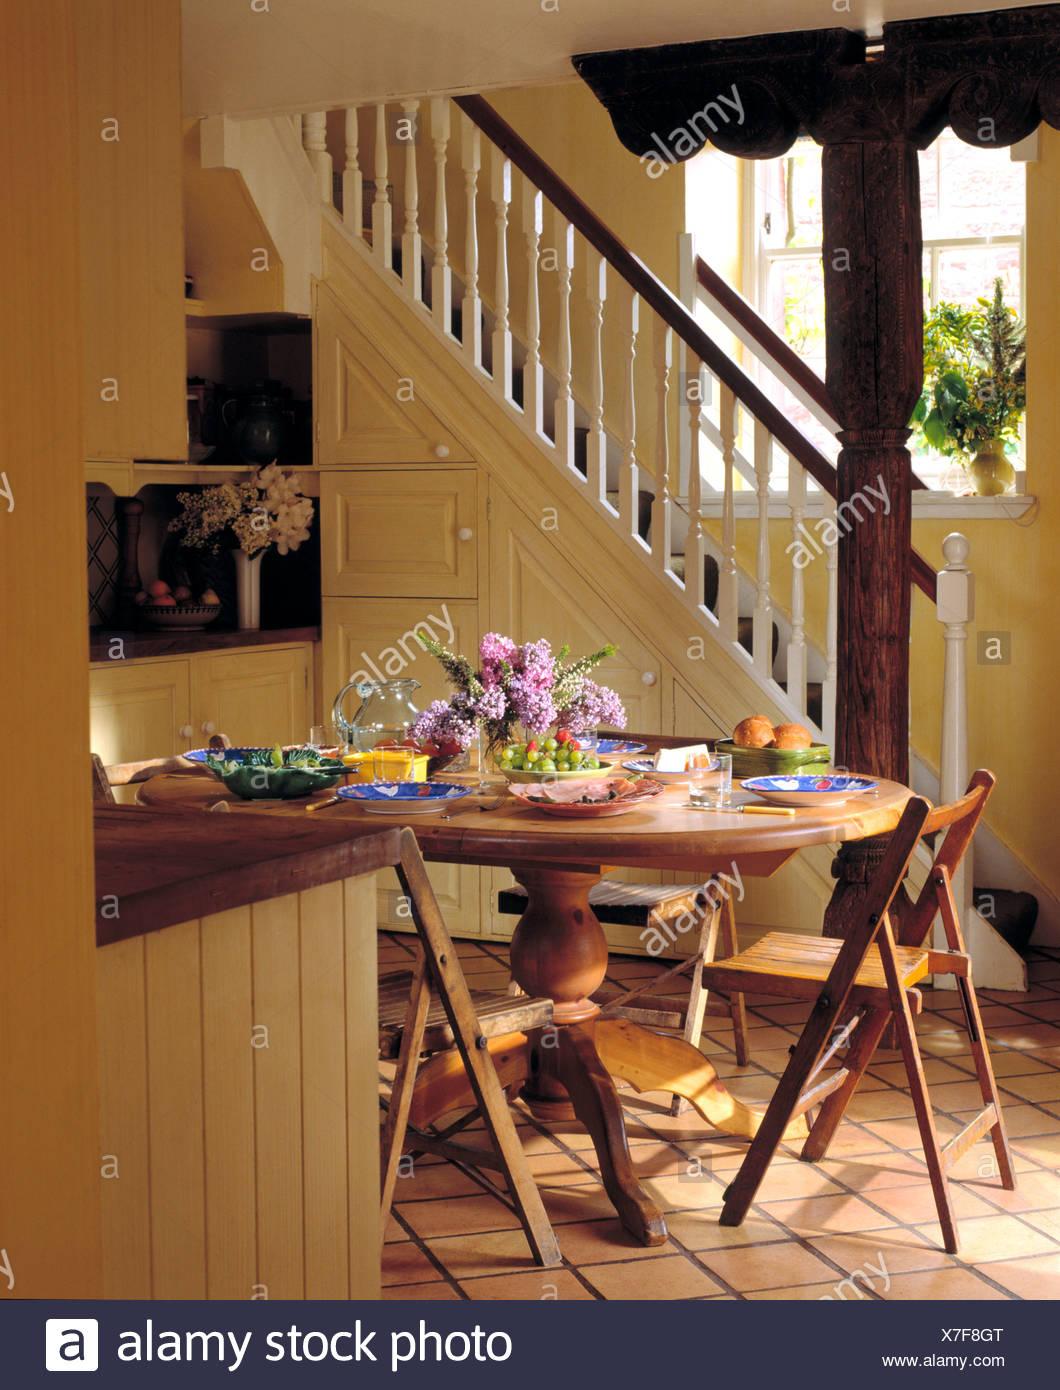 Increíble Mesa De La Cocina Stand Ilustración - Como Decorar la ...